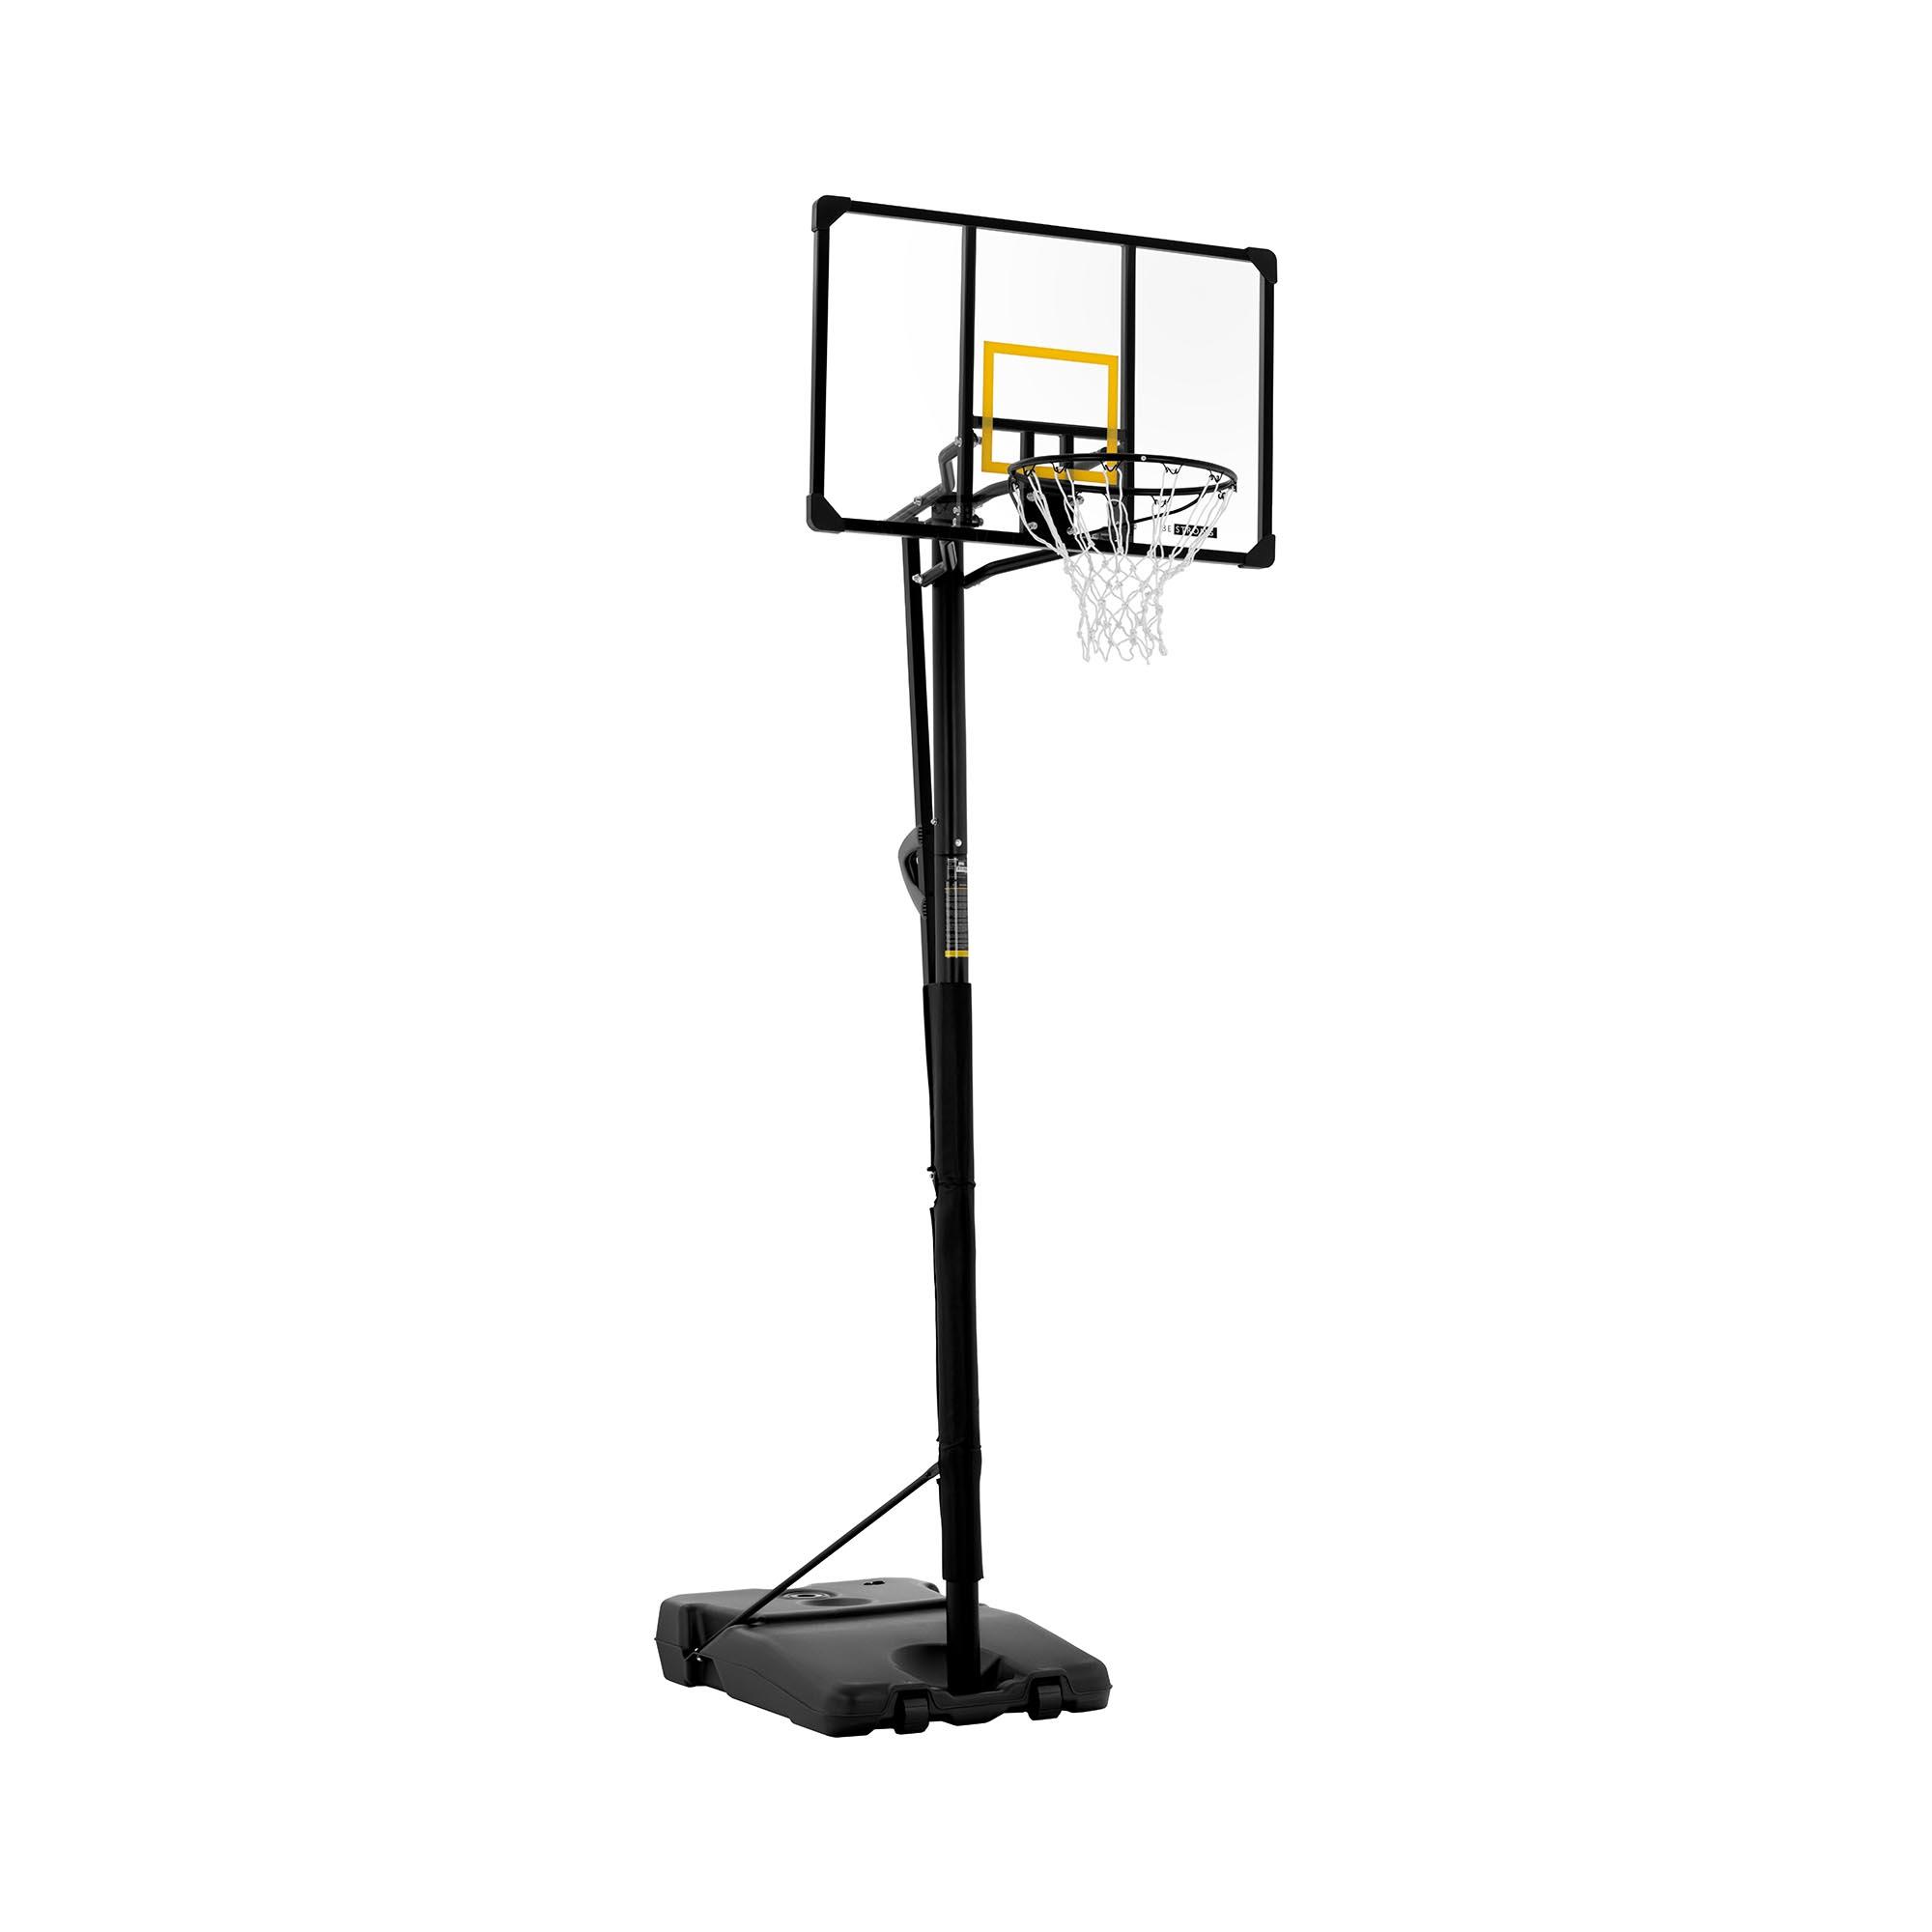 Gymrex Basketballkorb mit Ständer - höhenverstellbar - 230 bis 305 cm GR-BS14